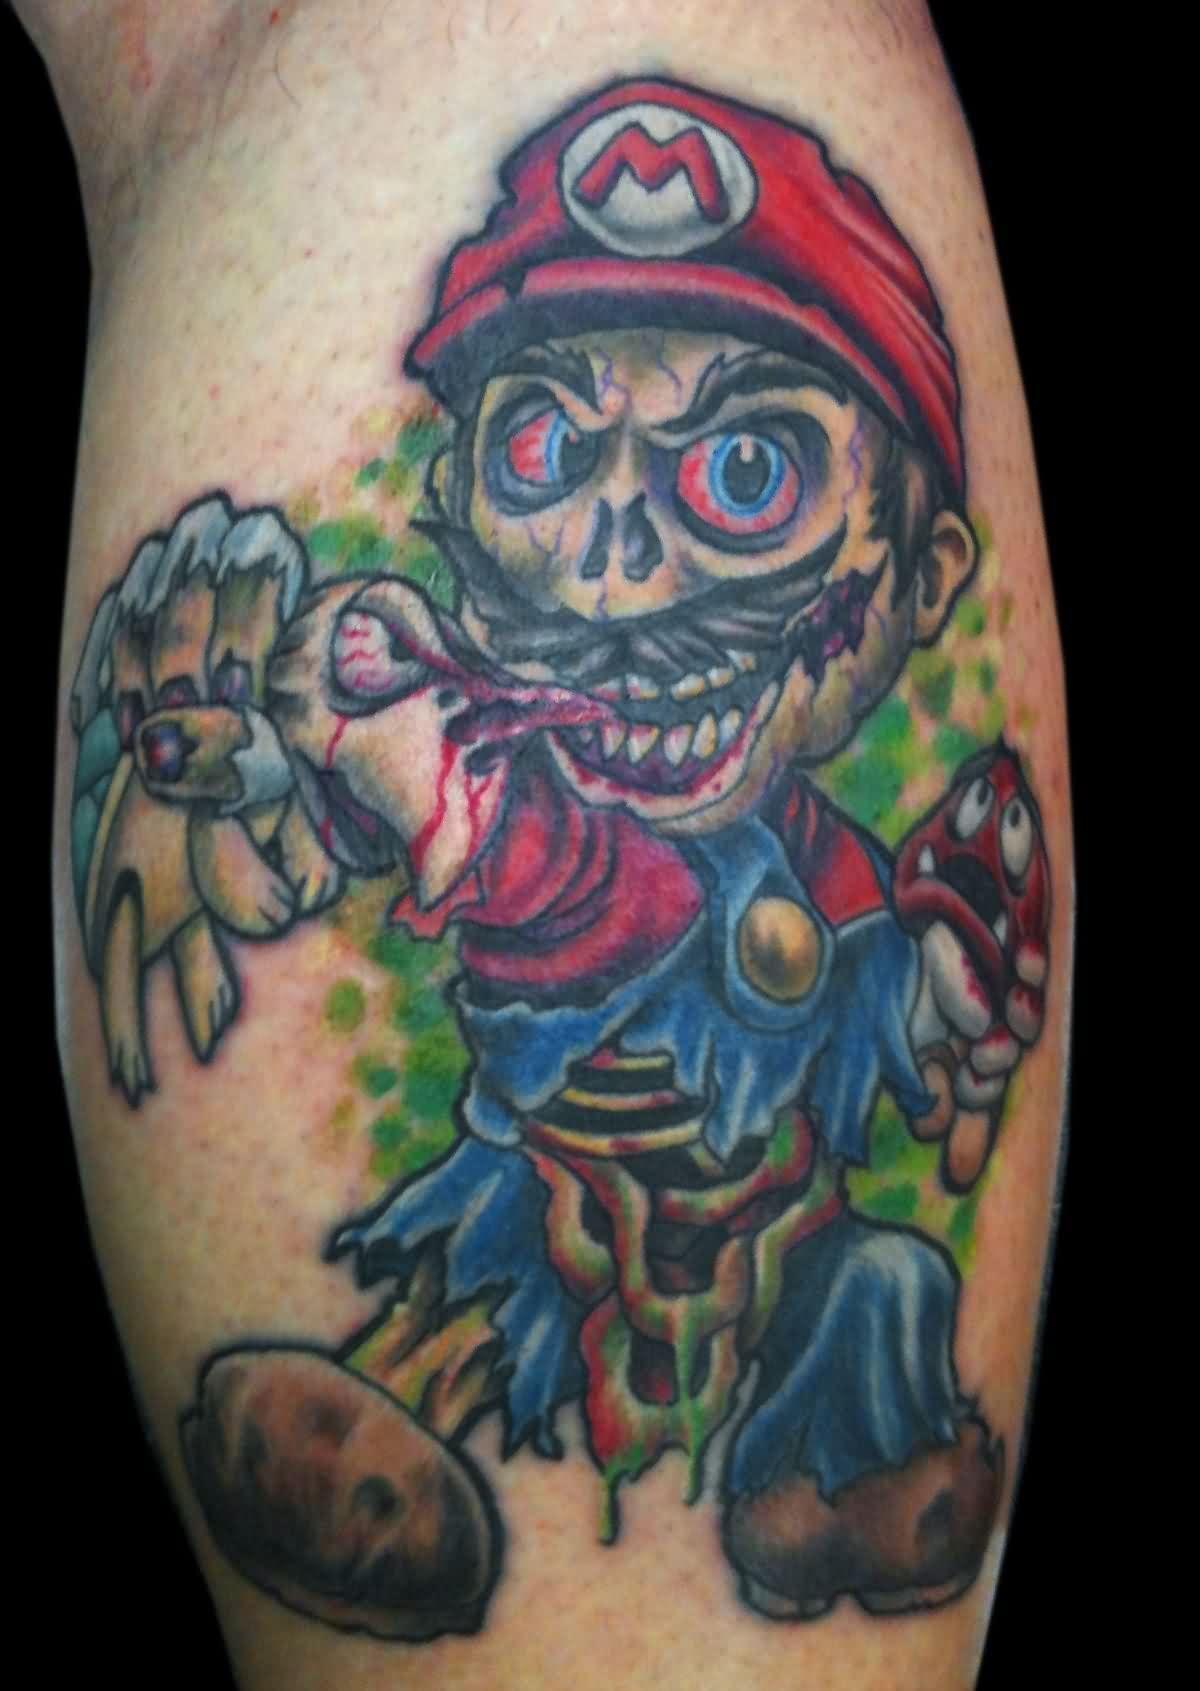 Wicked tattoos best 3d tattoo ideas mario tattoo - Wicked 3d tattoos ...